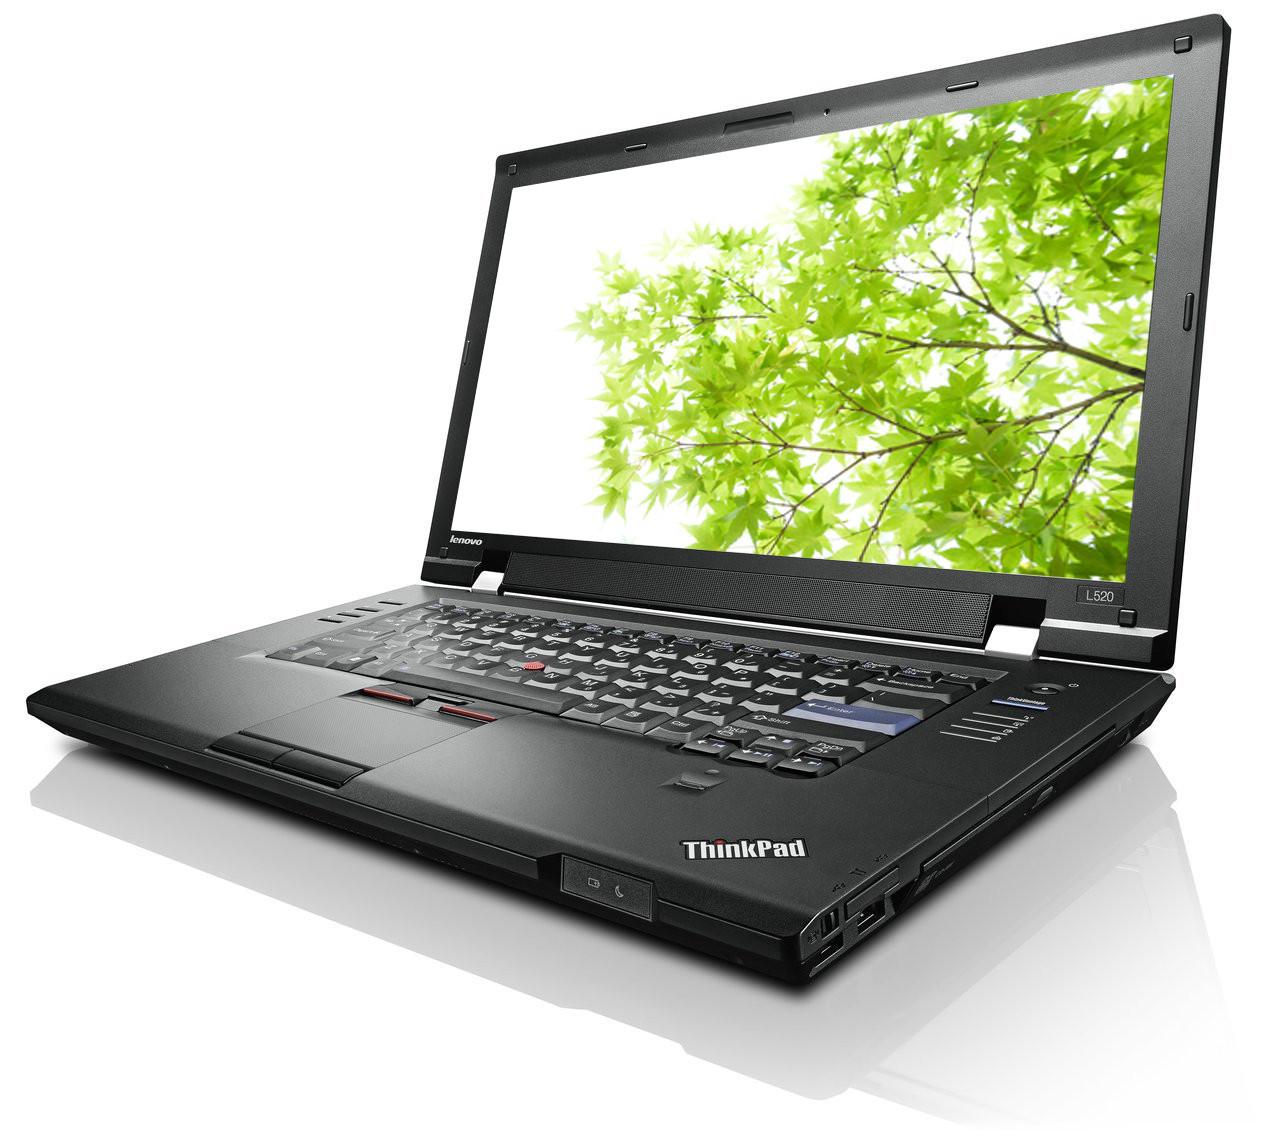 【500円クーポン使えます!】中古ノートパソコンLenovo ThinkPad L520 5015-A63 【中古】 Lenovo ThinkPad L520 中古ノートパソコンCore i5 Win7 Pro Lenovo ThinkPad L520 中古ノートパソコンCore i5 Win7 Pro